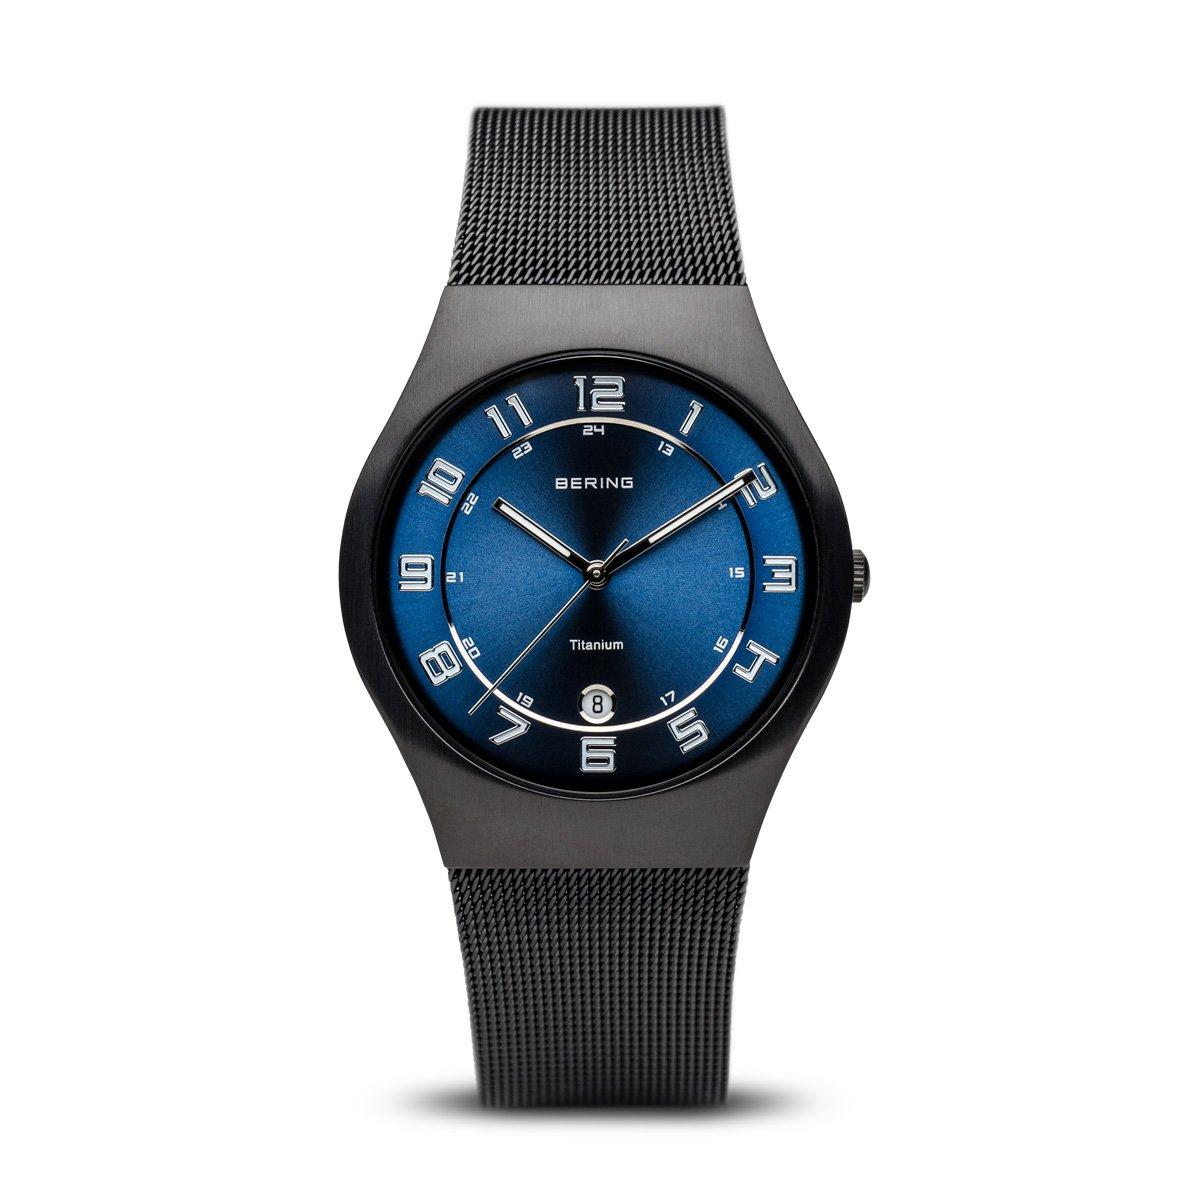 Bering Classic - Reloj analógico de caballero de cuarzo con correa de acero inoxidable negra - sumergible a 50 metros